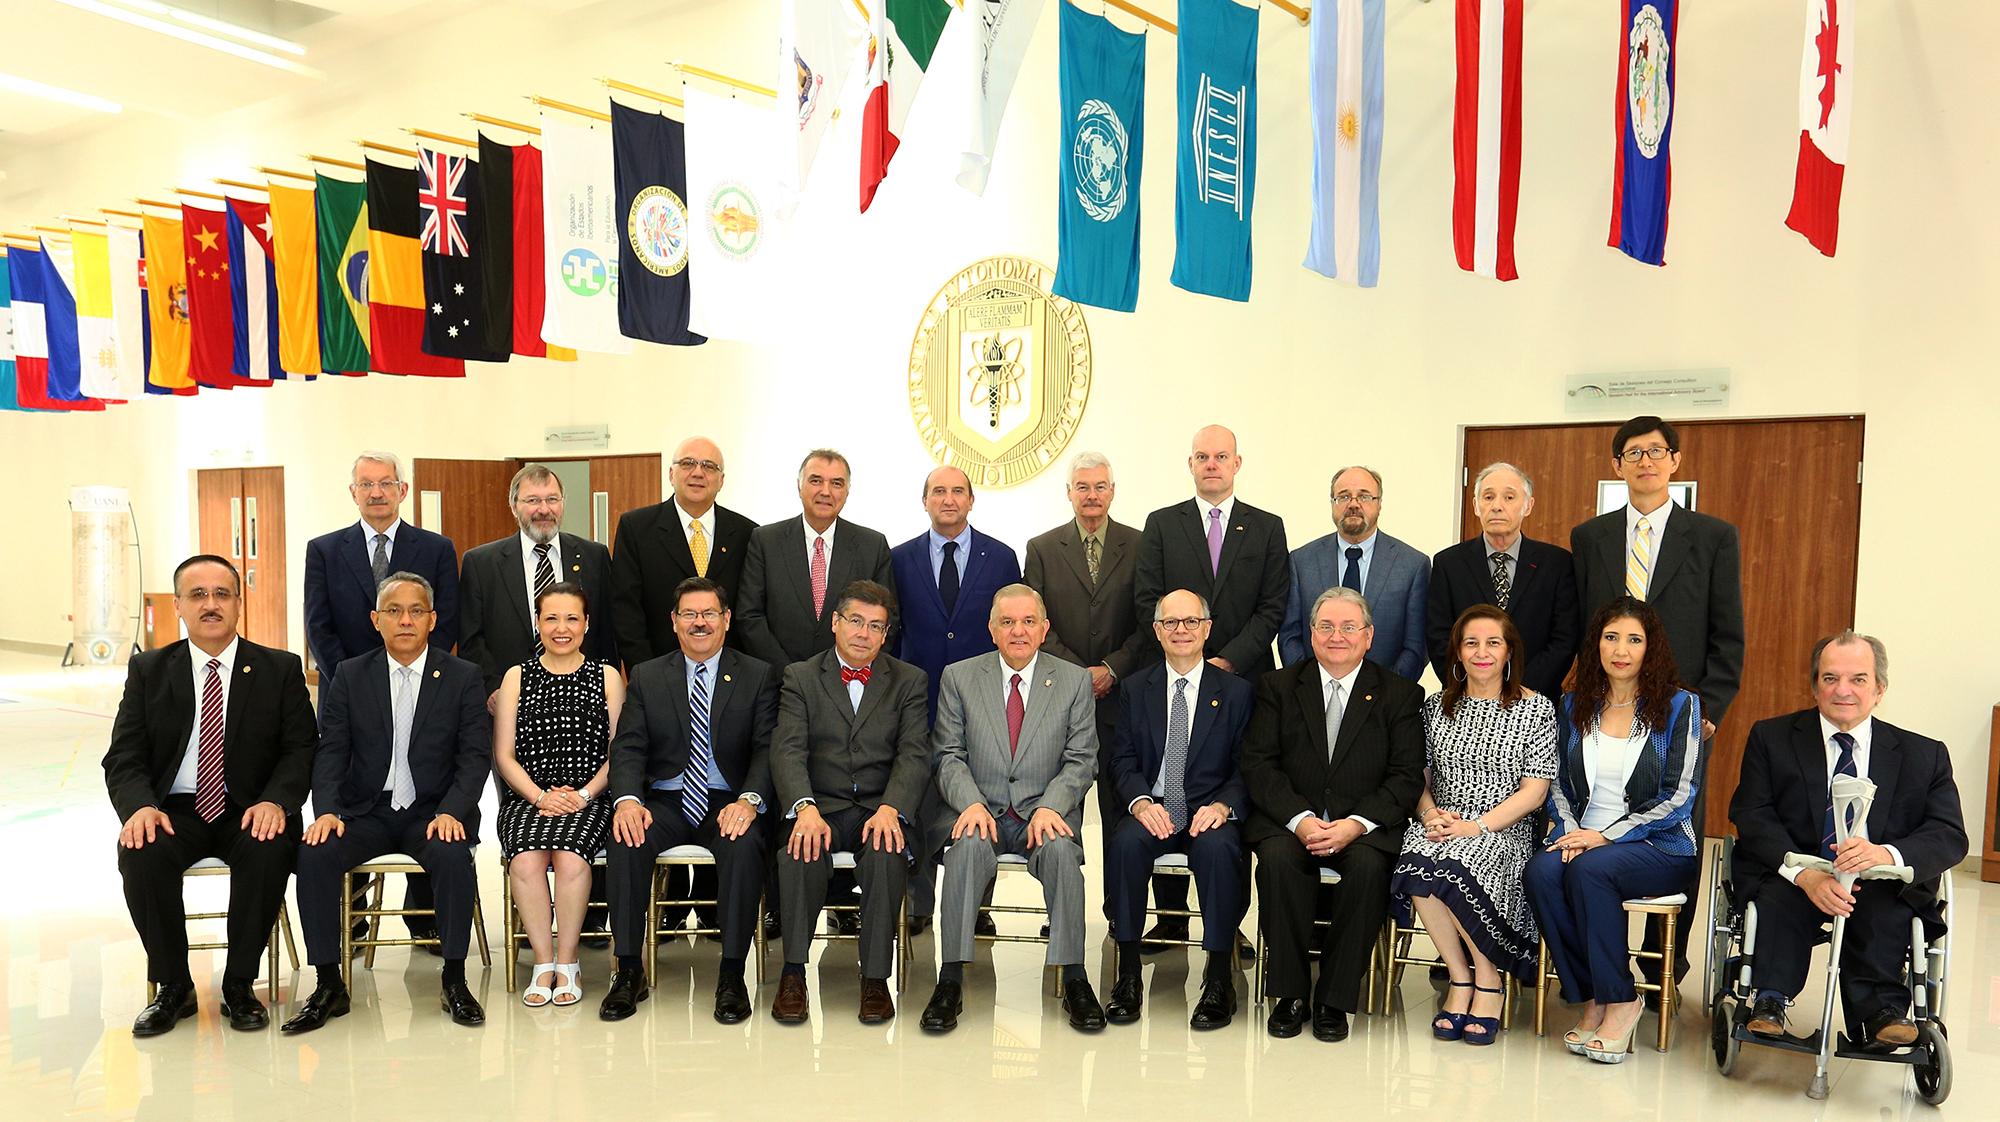 El consejo consultivo internacional al final de la sesión ordinaria